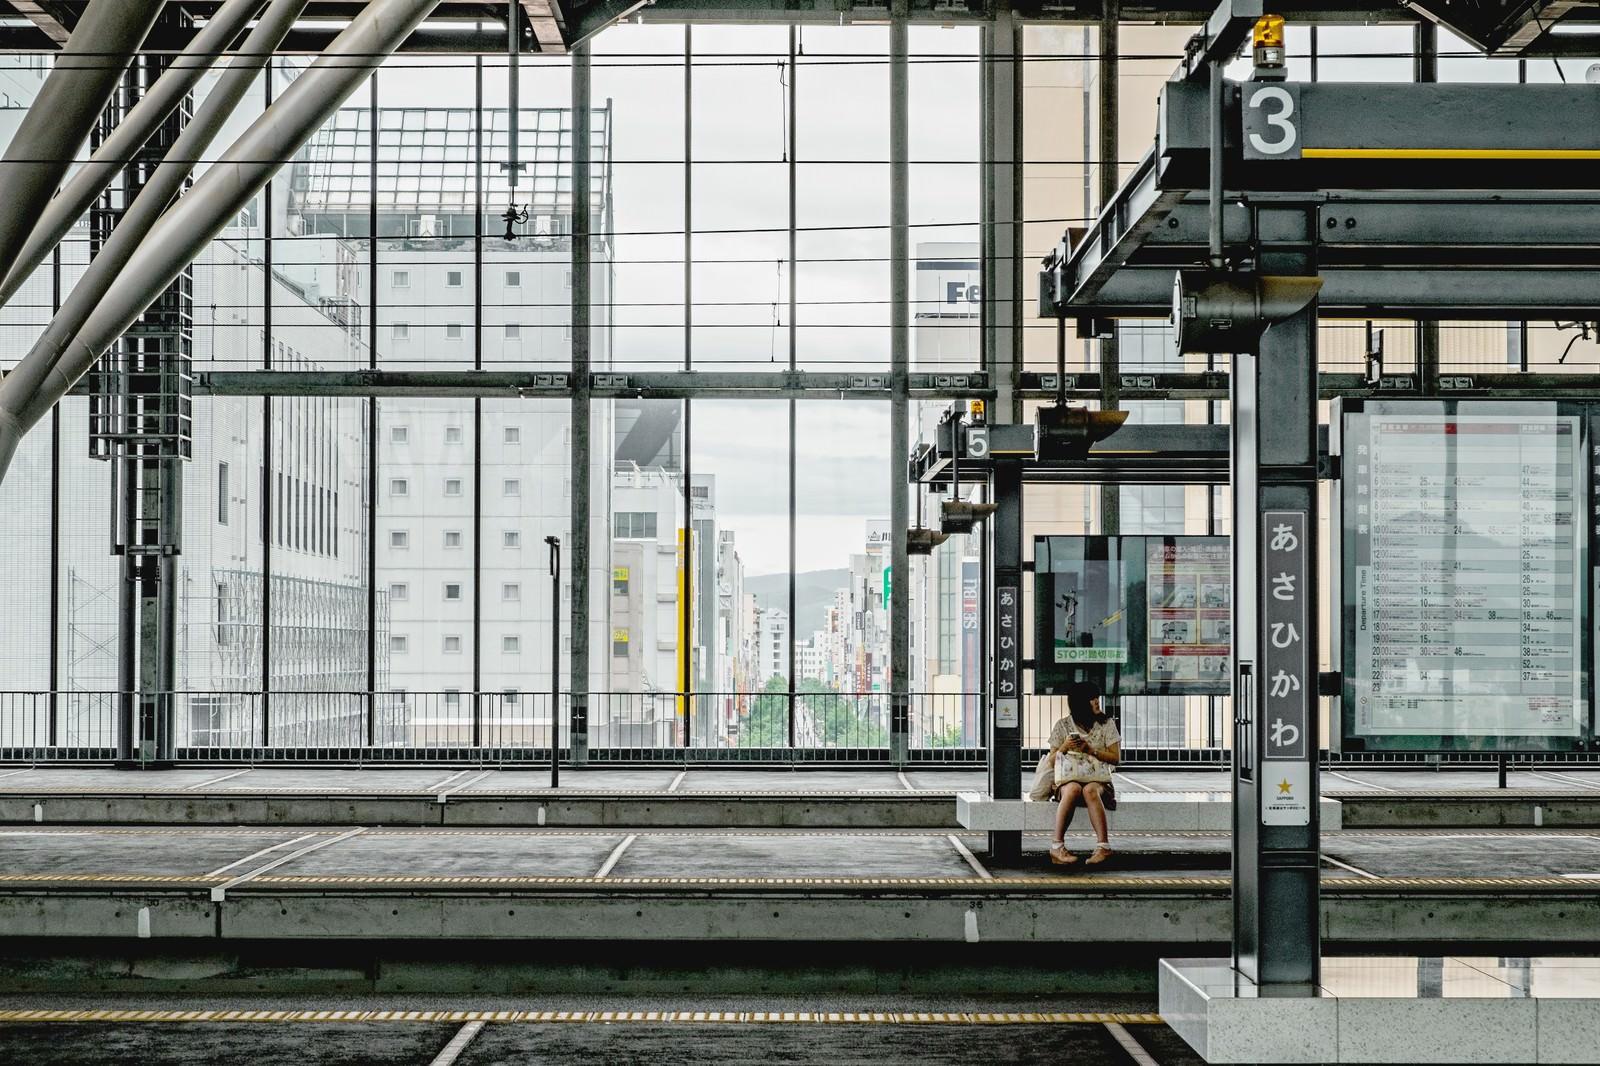 「旭川の駅のホーム」の写真